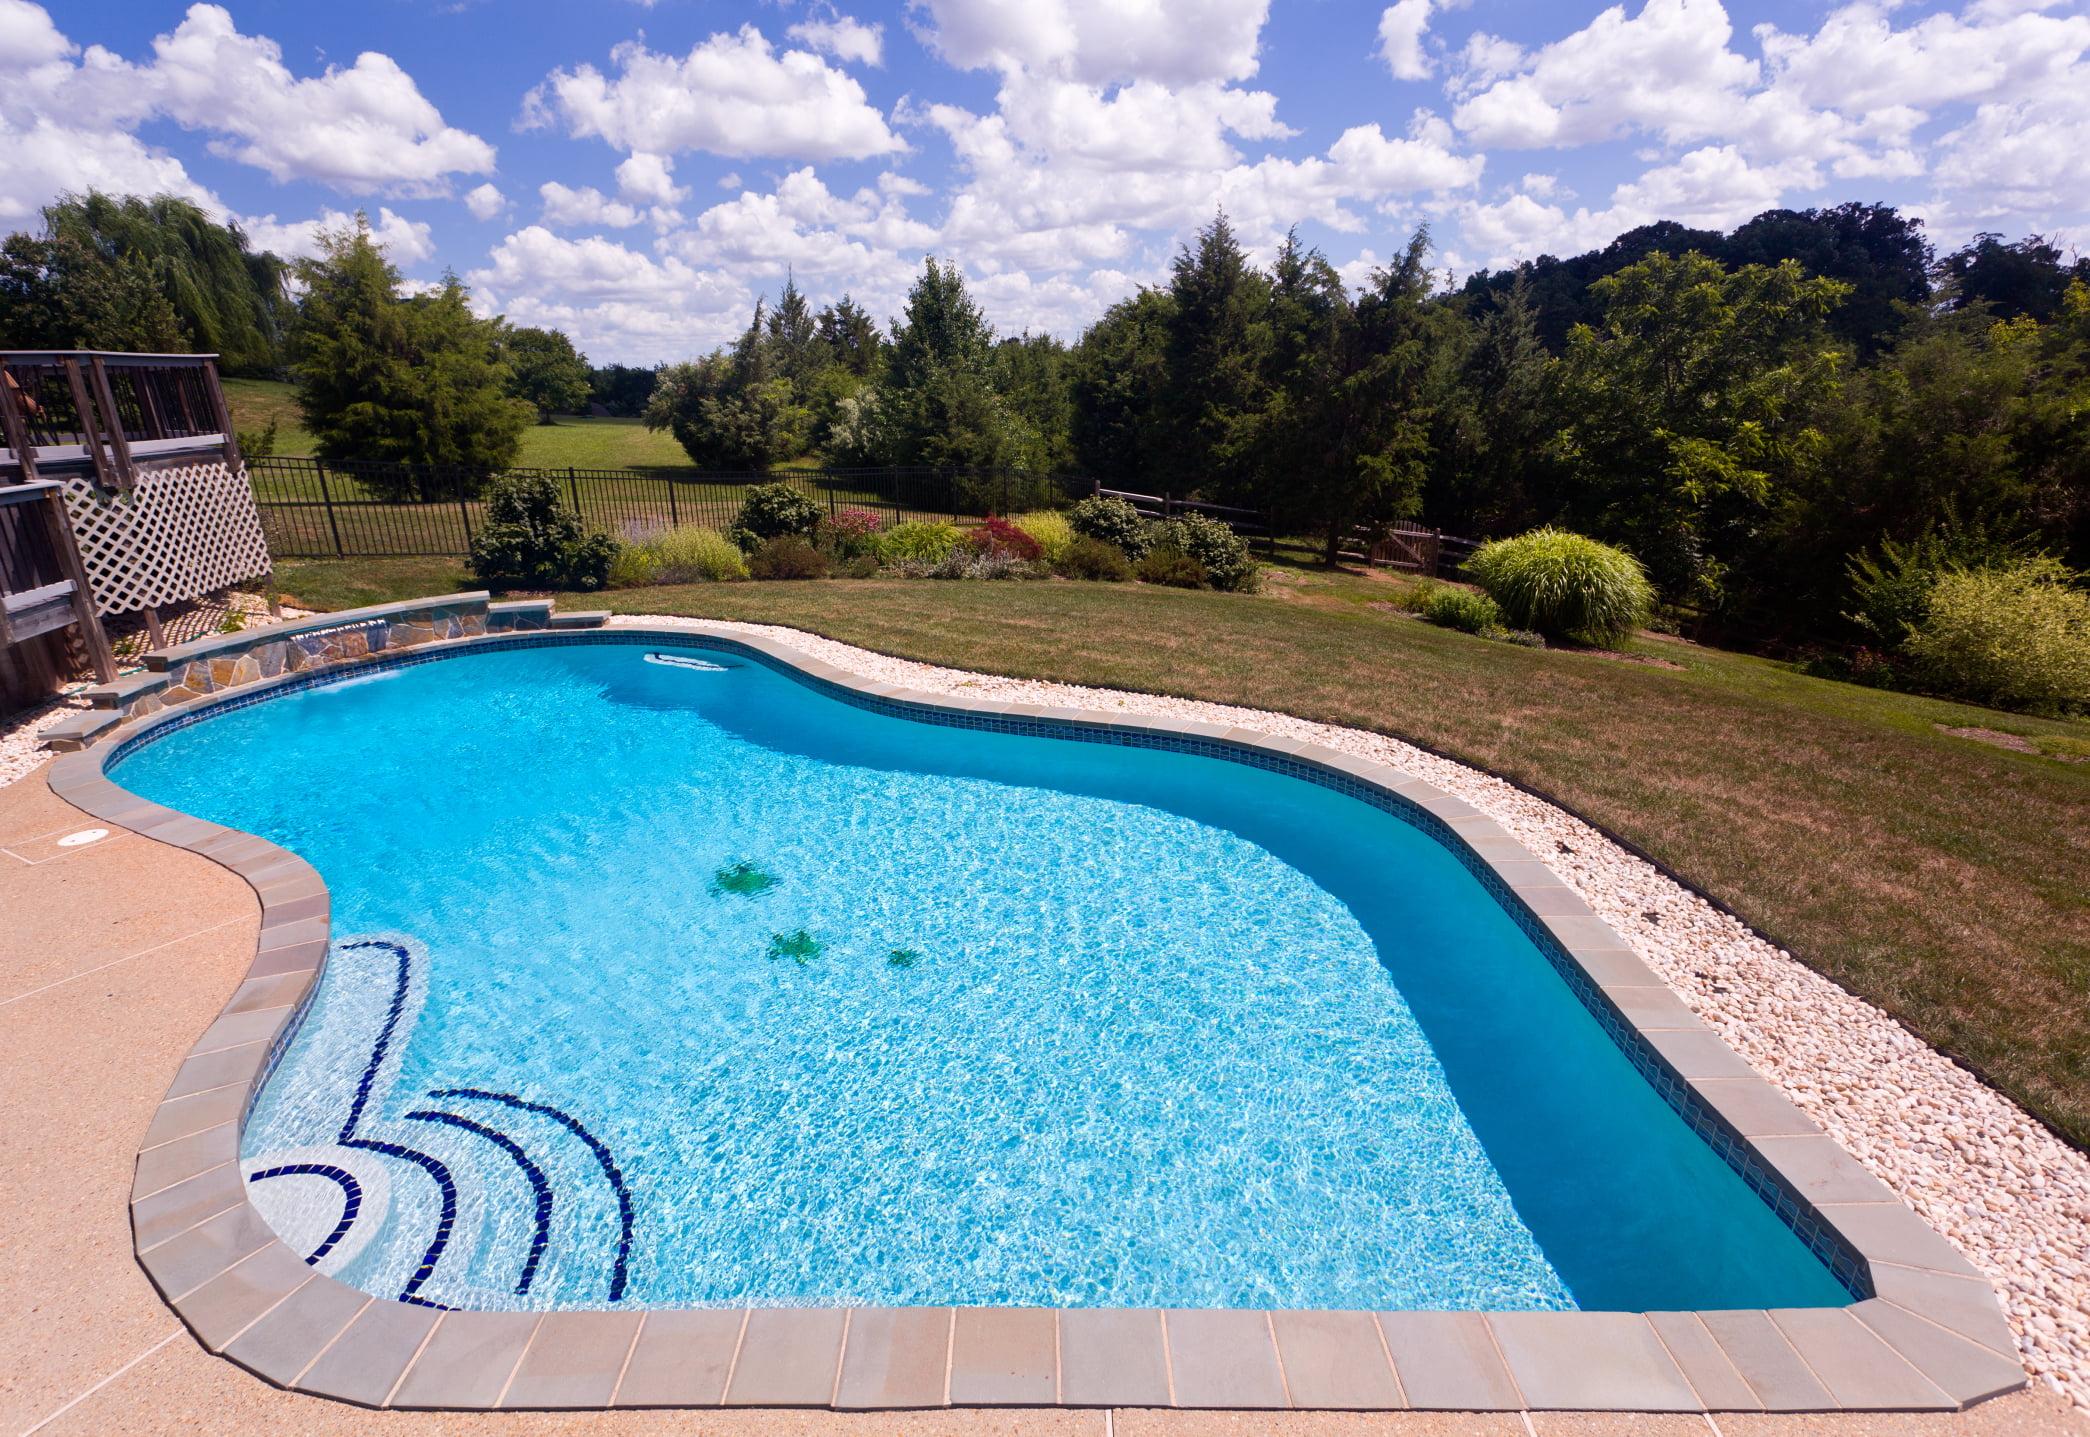 Incroyable Best Backyard Pools